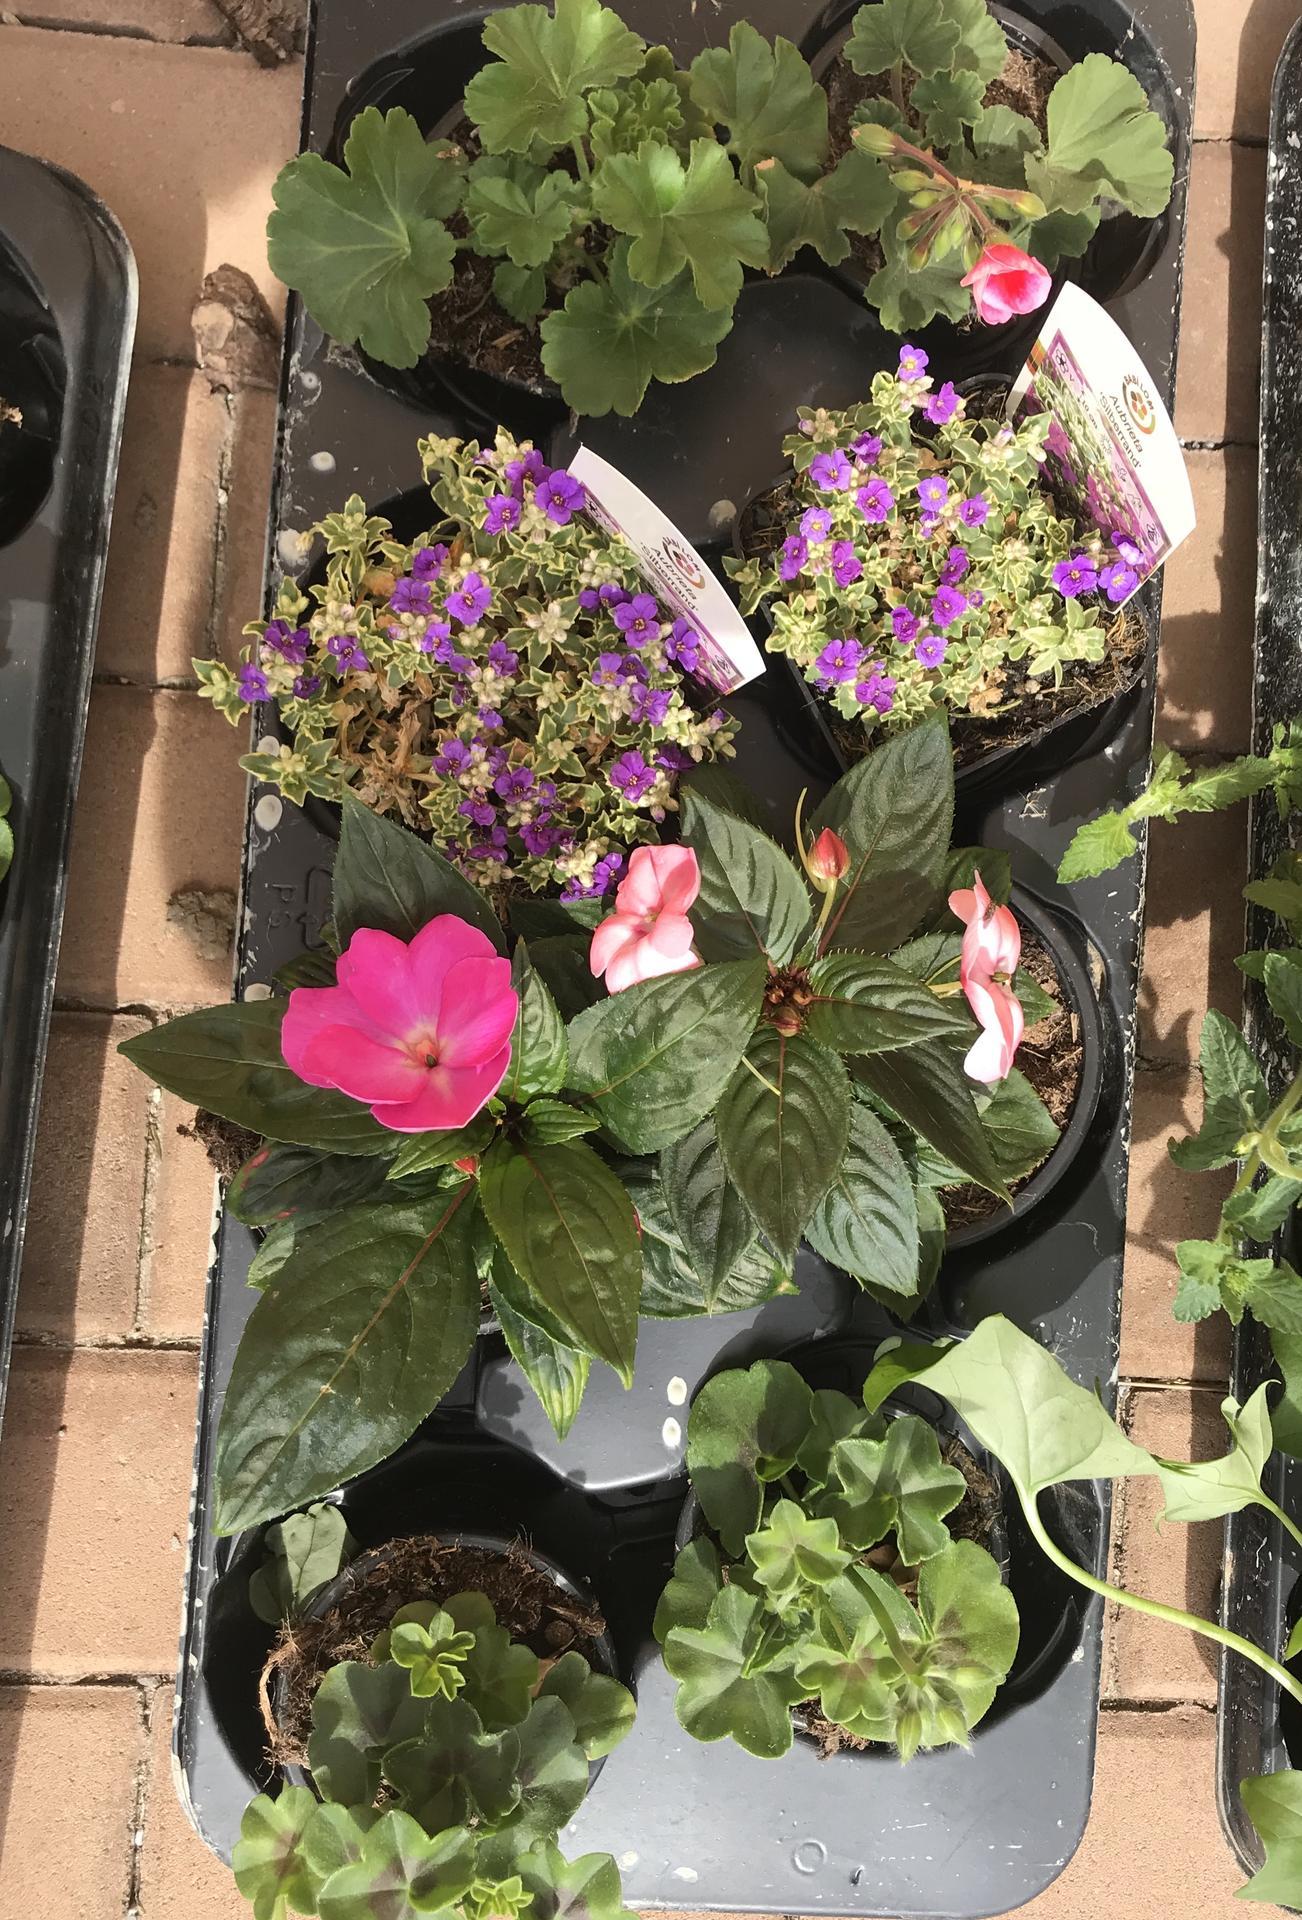 Naše barevná zahrada 🌸 - Tařičky tedy půjdou do země